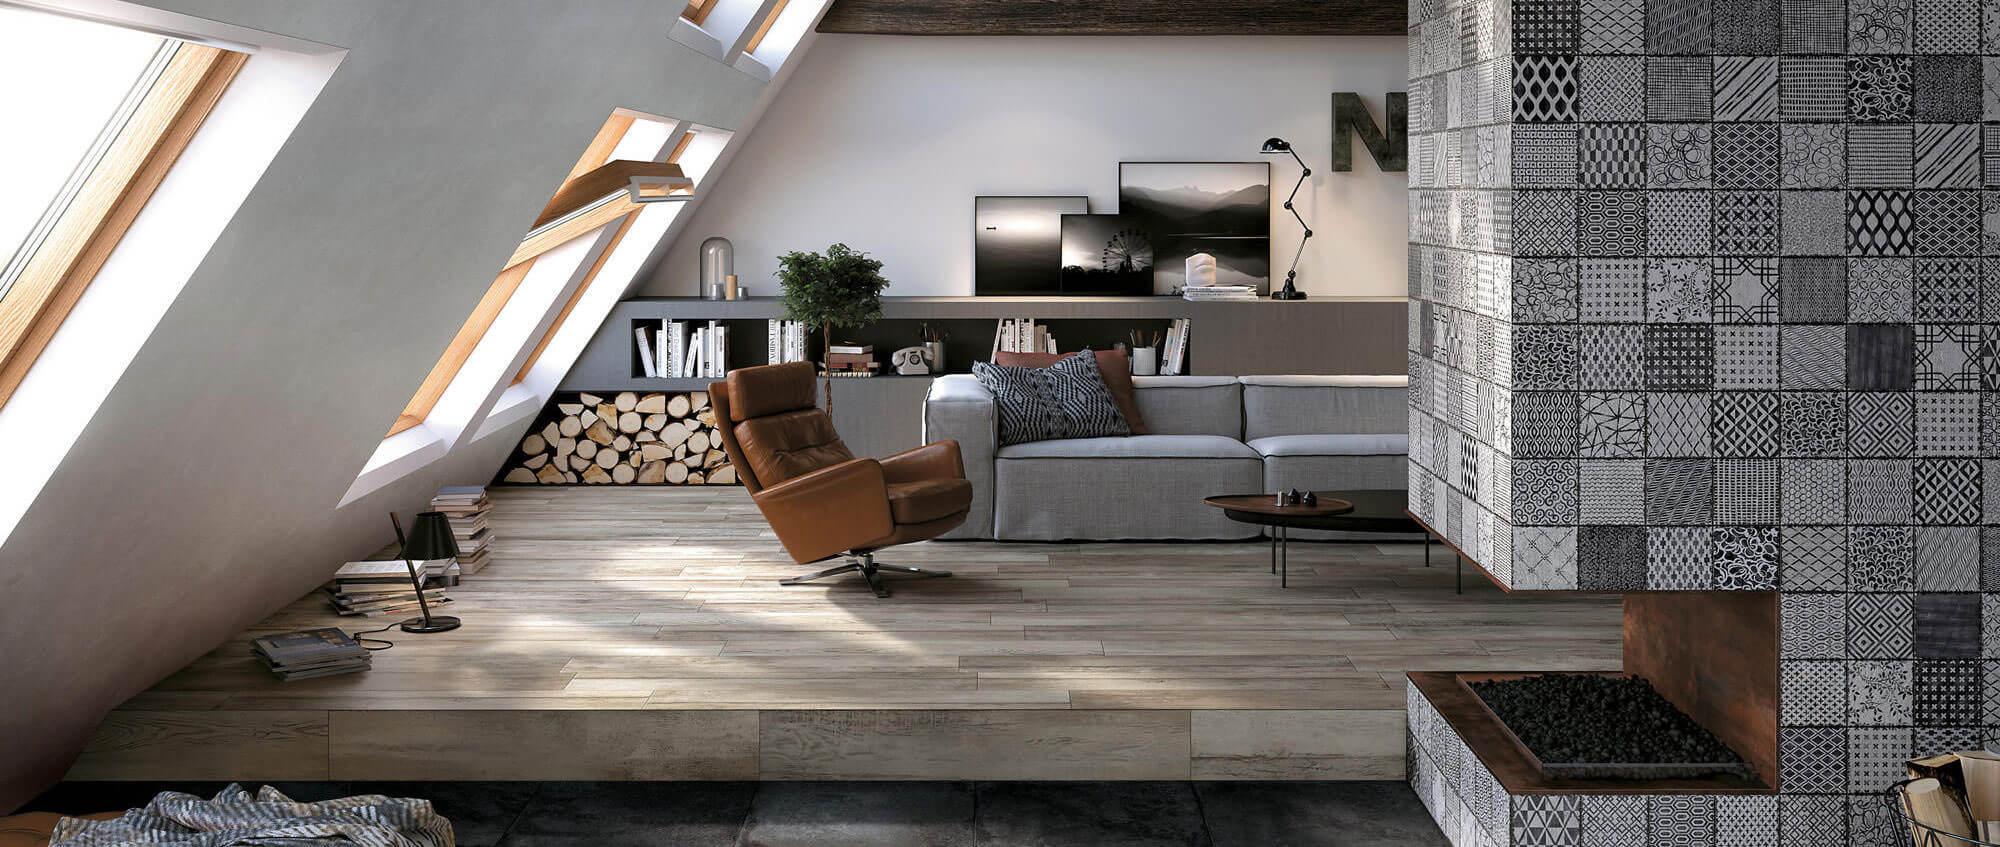 Brampton Hardwood Flooring Store | The Tile shop | Laminate